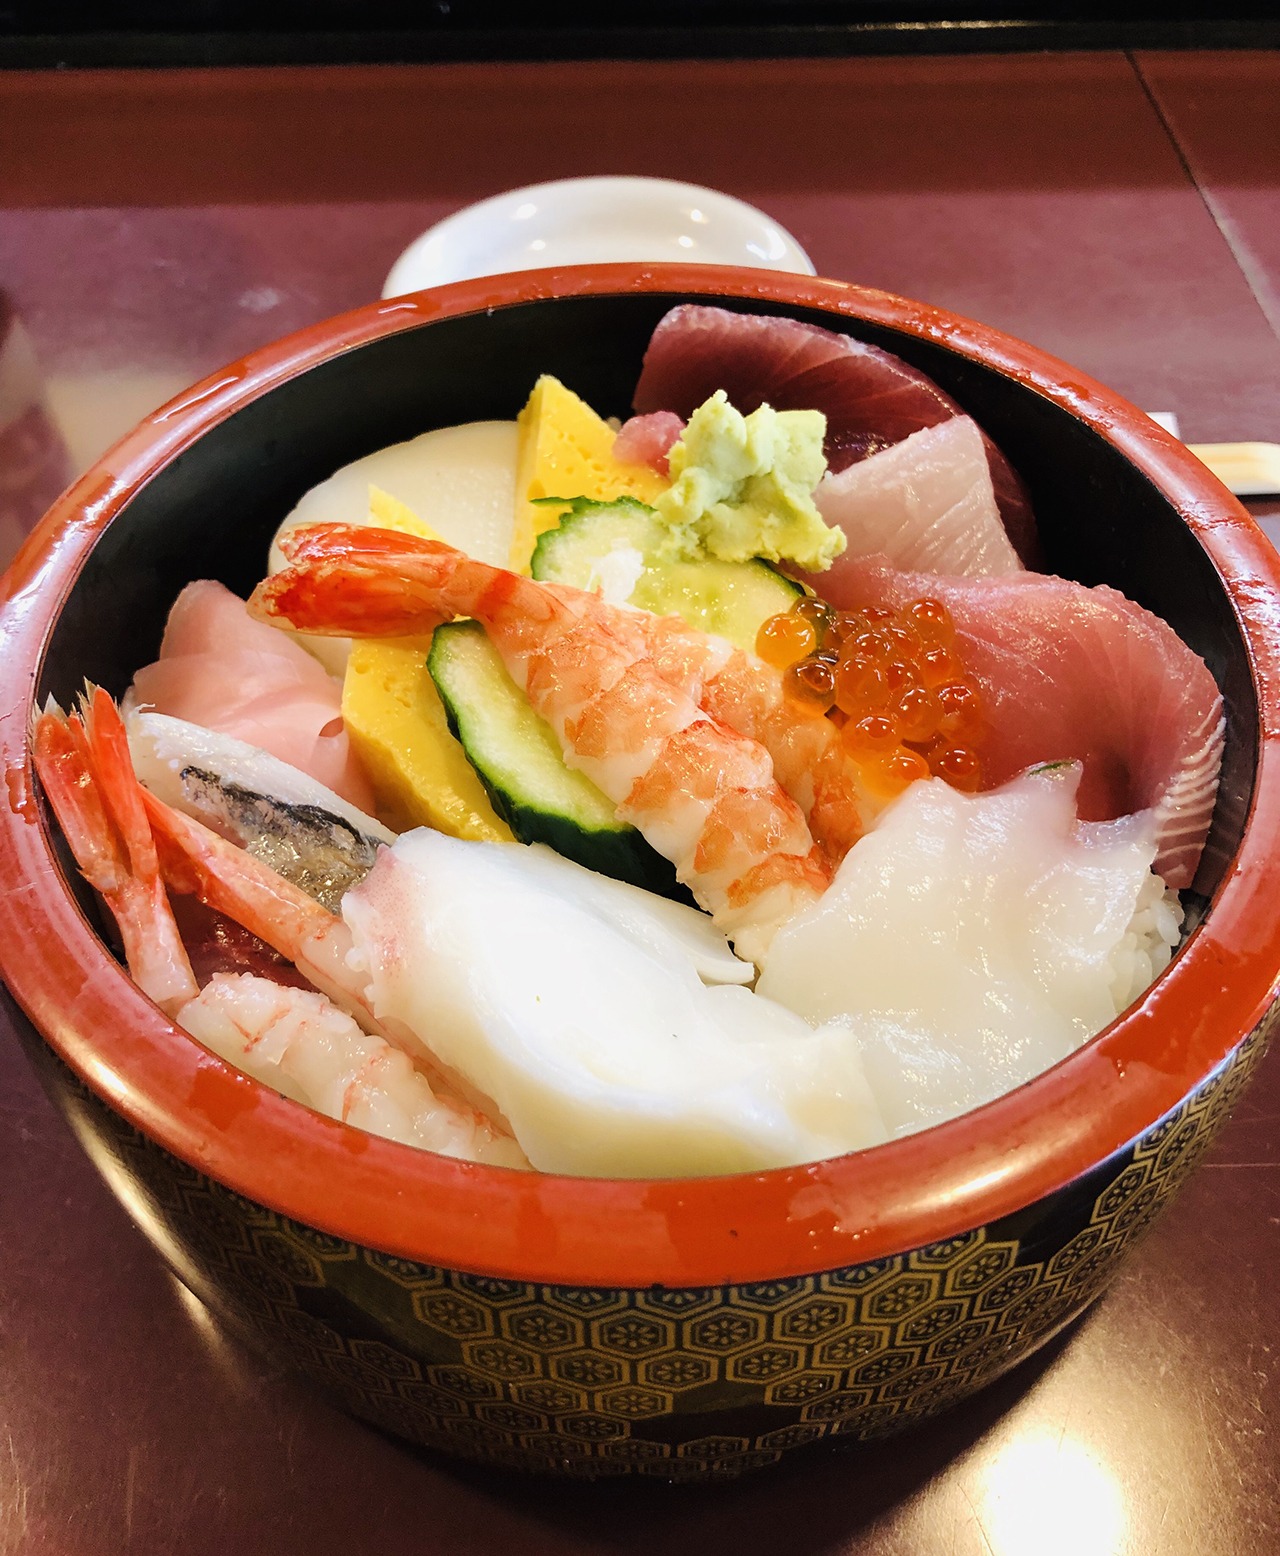 ちらし寿司のアップ写真